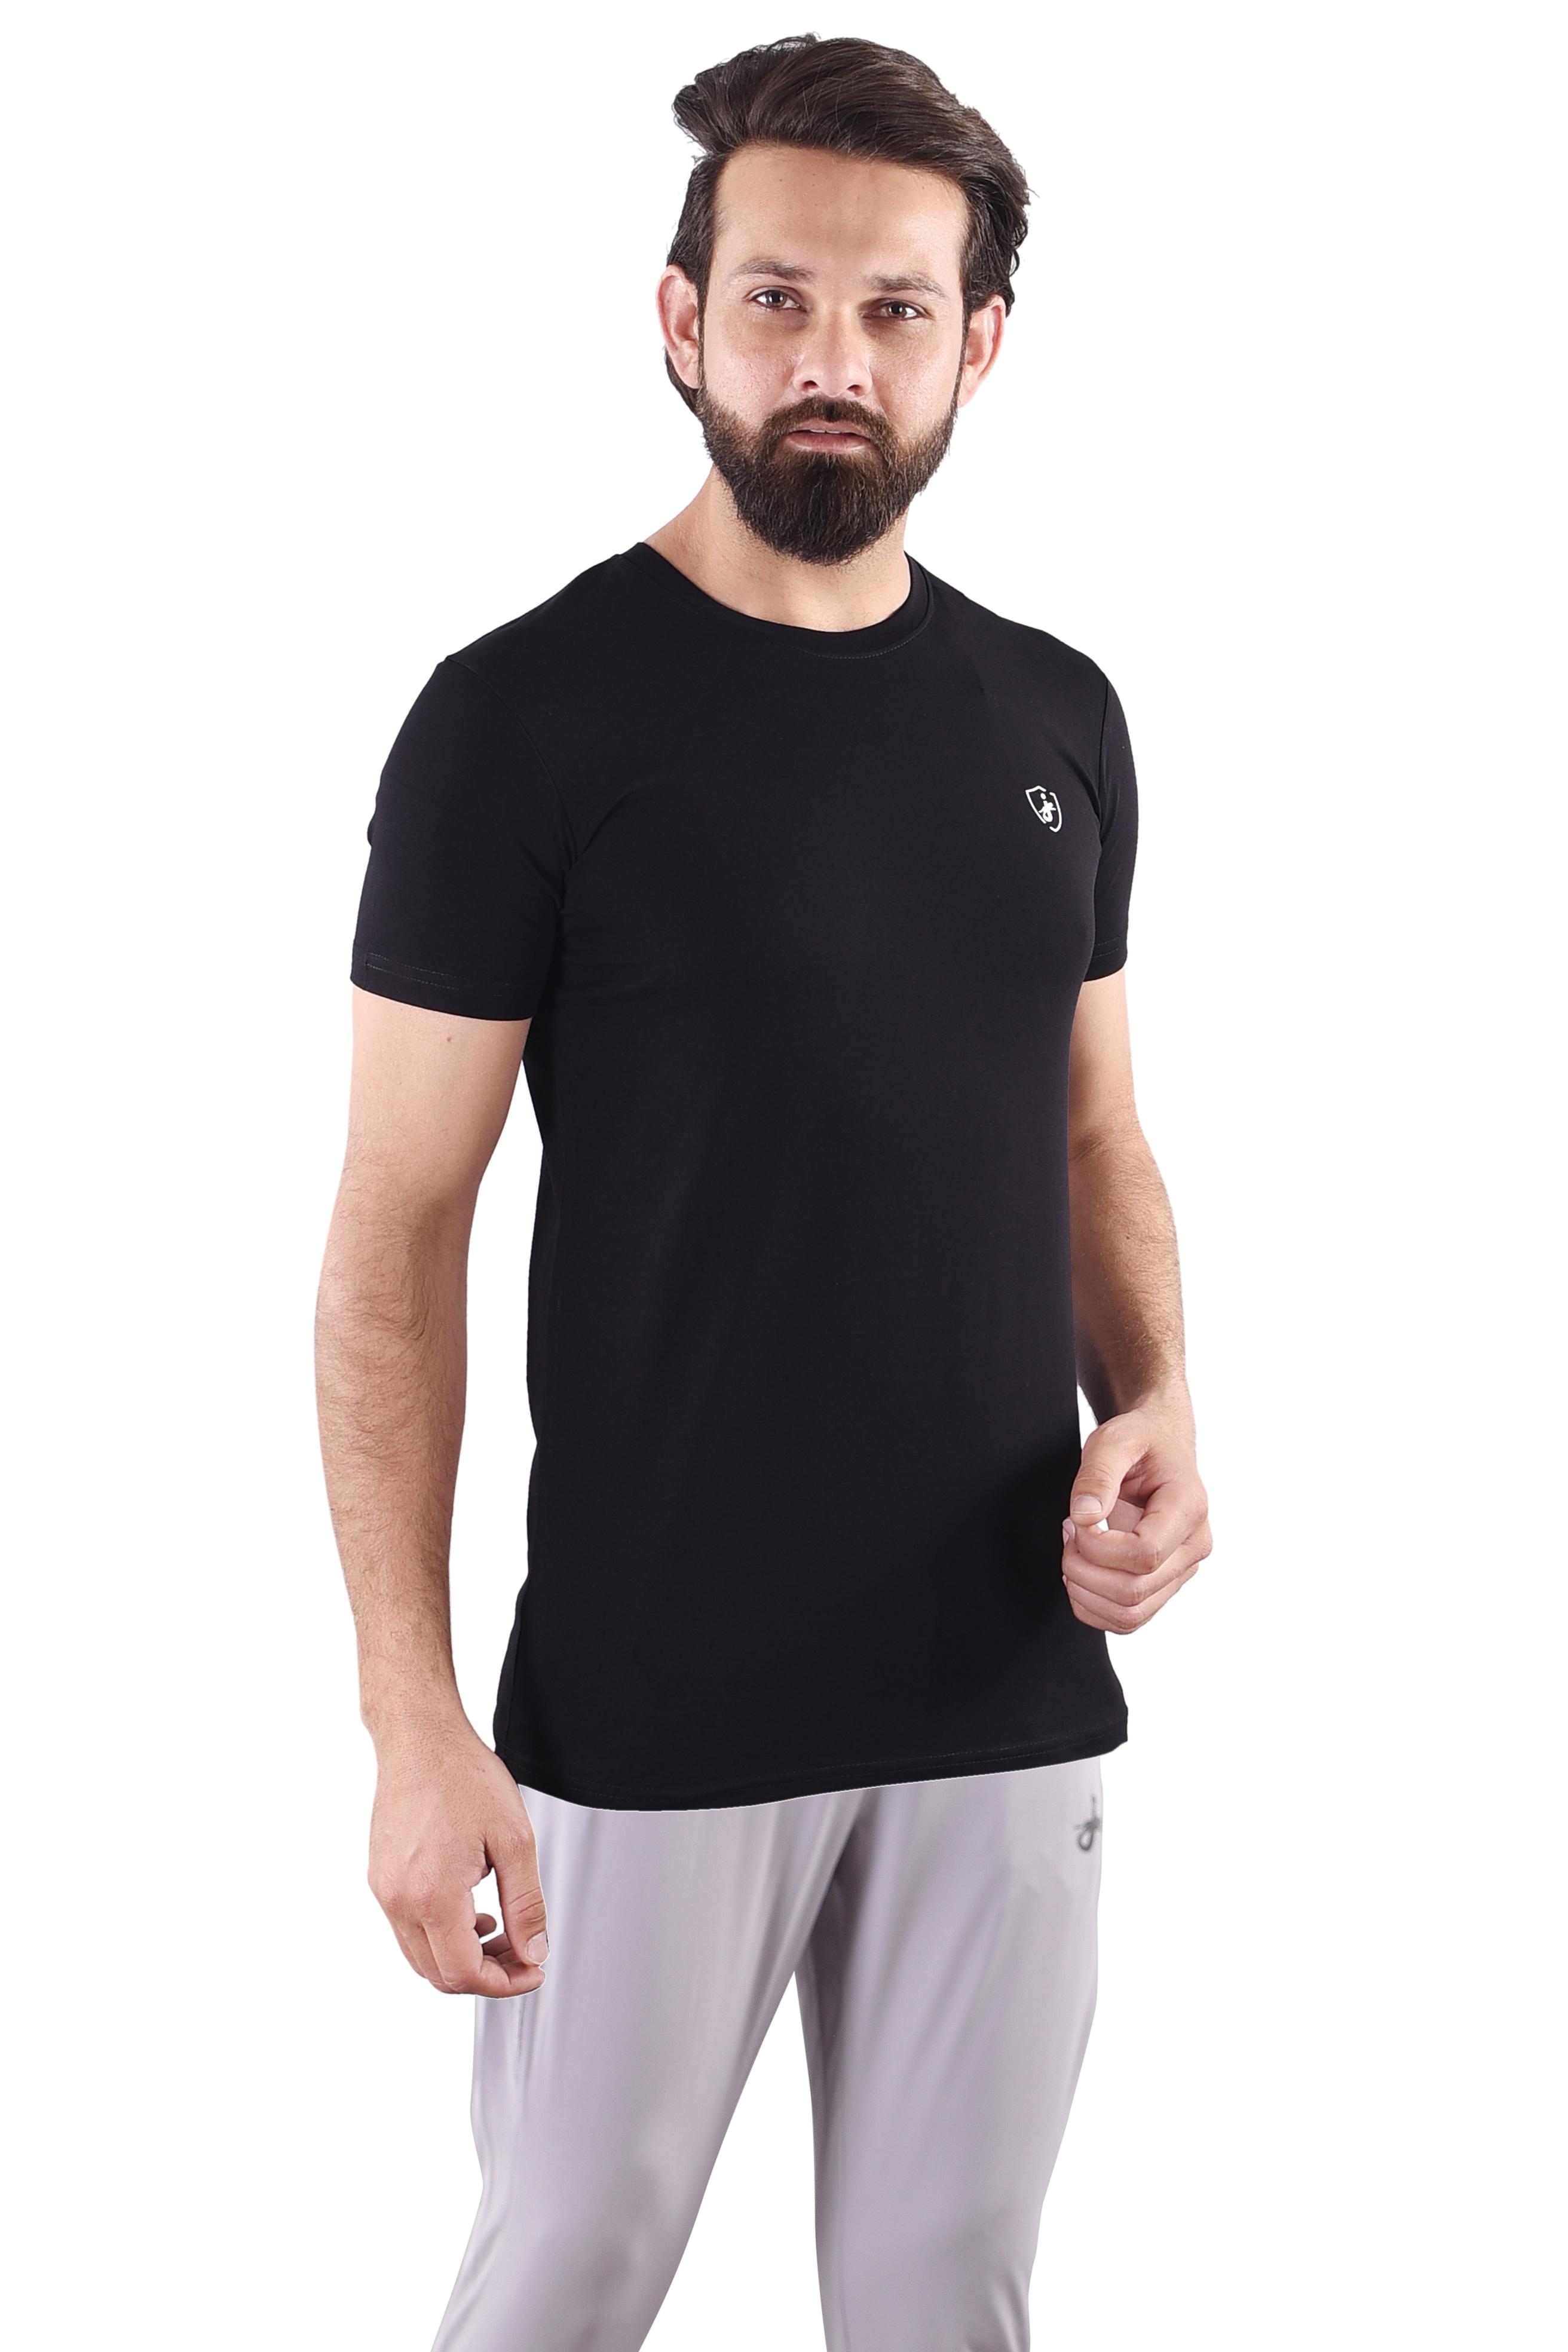 JAGURO | JAGURO  Men's Cotton Solid Round Neck Black T-Shirt